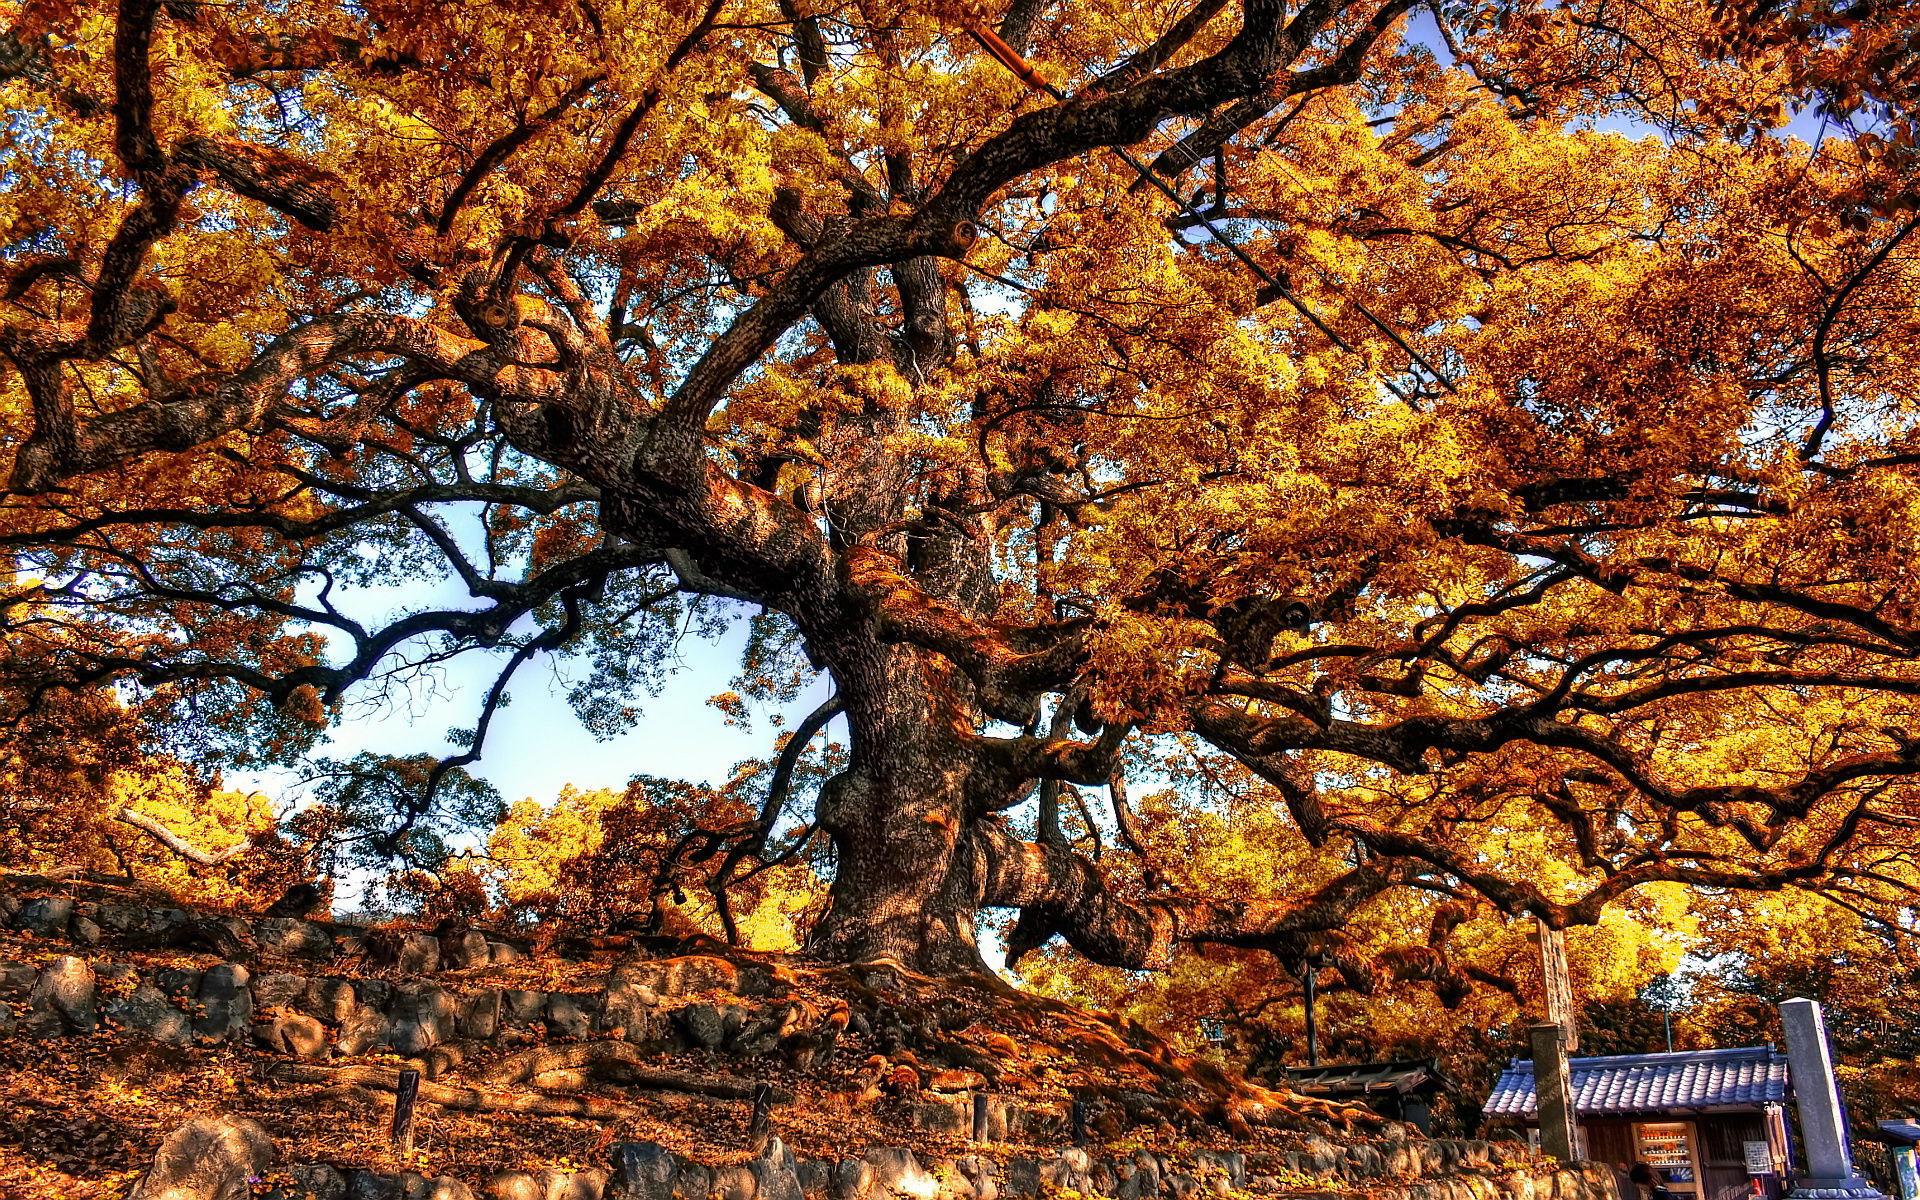 Autumn Leaves 3d Live Wallpaper Autumn Images Desktop Hd Desktop Wallpapers 4k Hd